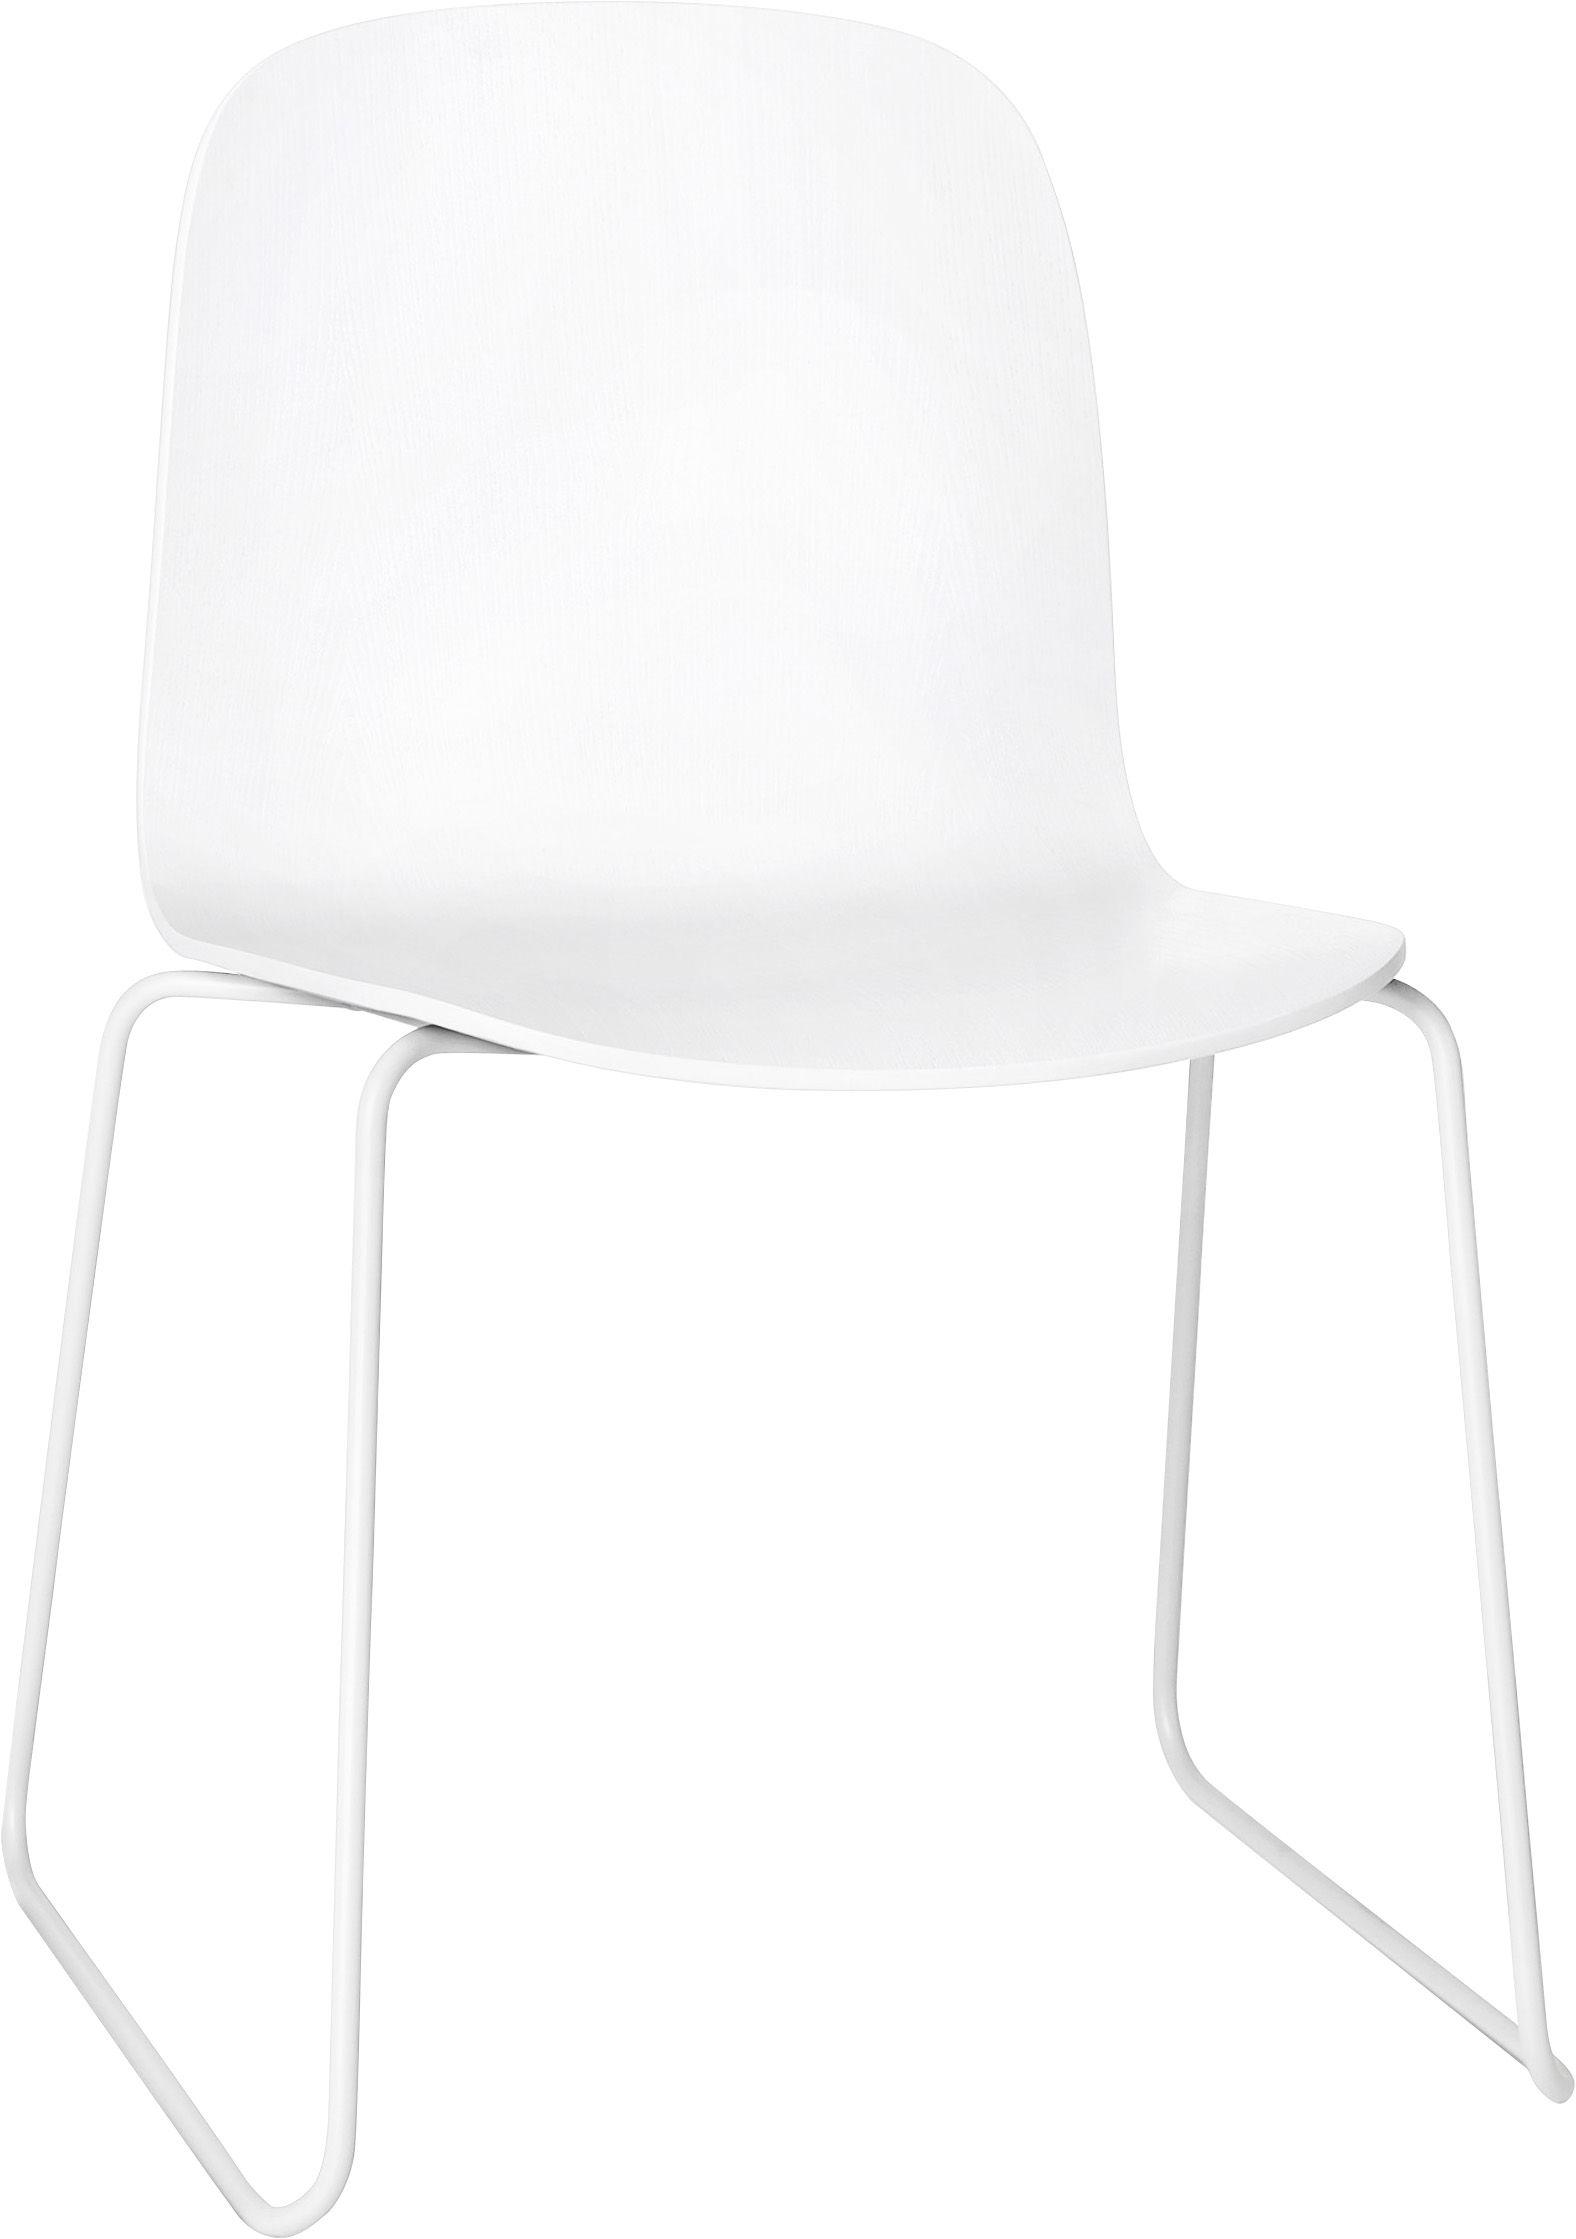 Mobilier - Chaises, fauteuils de salle à manger - Chaise empilable Visu / Bois - Pied traineau - Muuto - Structure blanche / assise blanche - Acier peint, Chêne verni